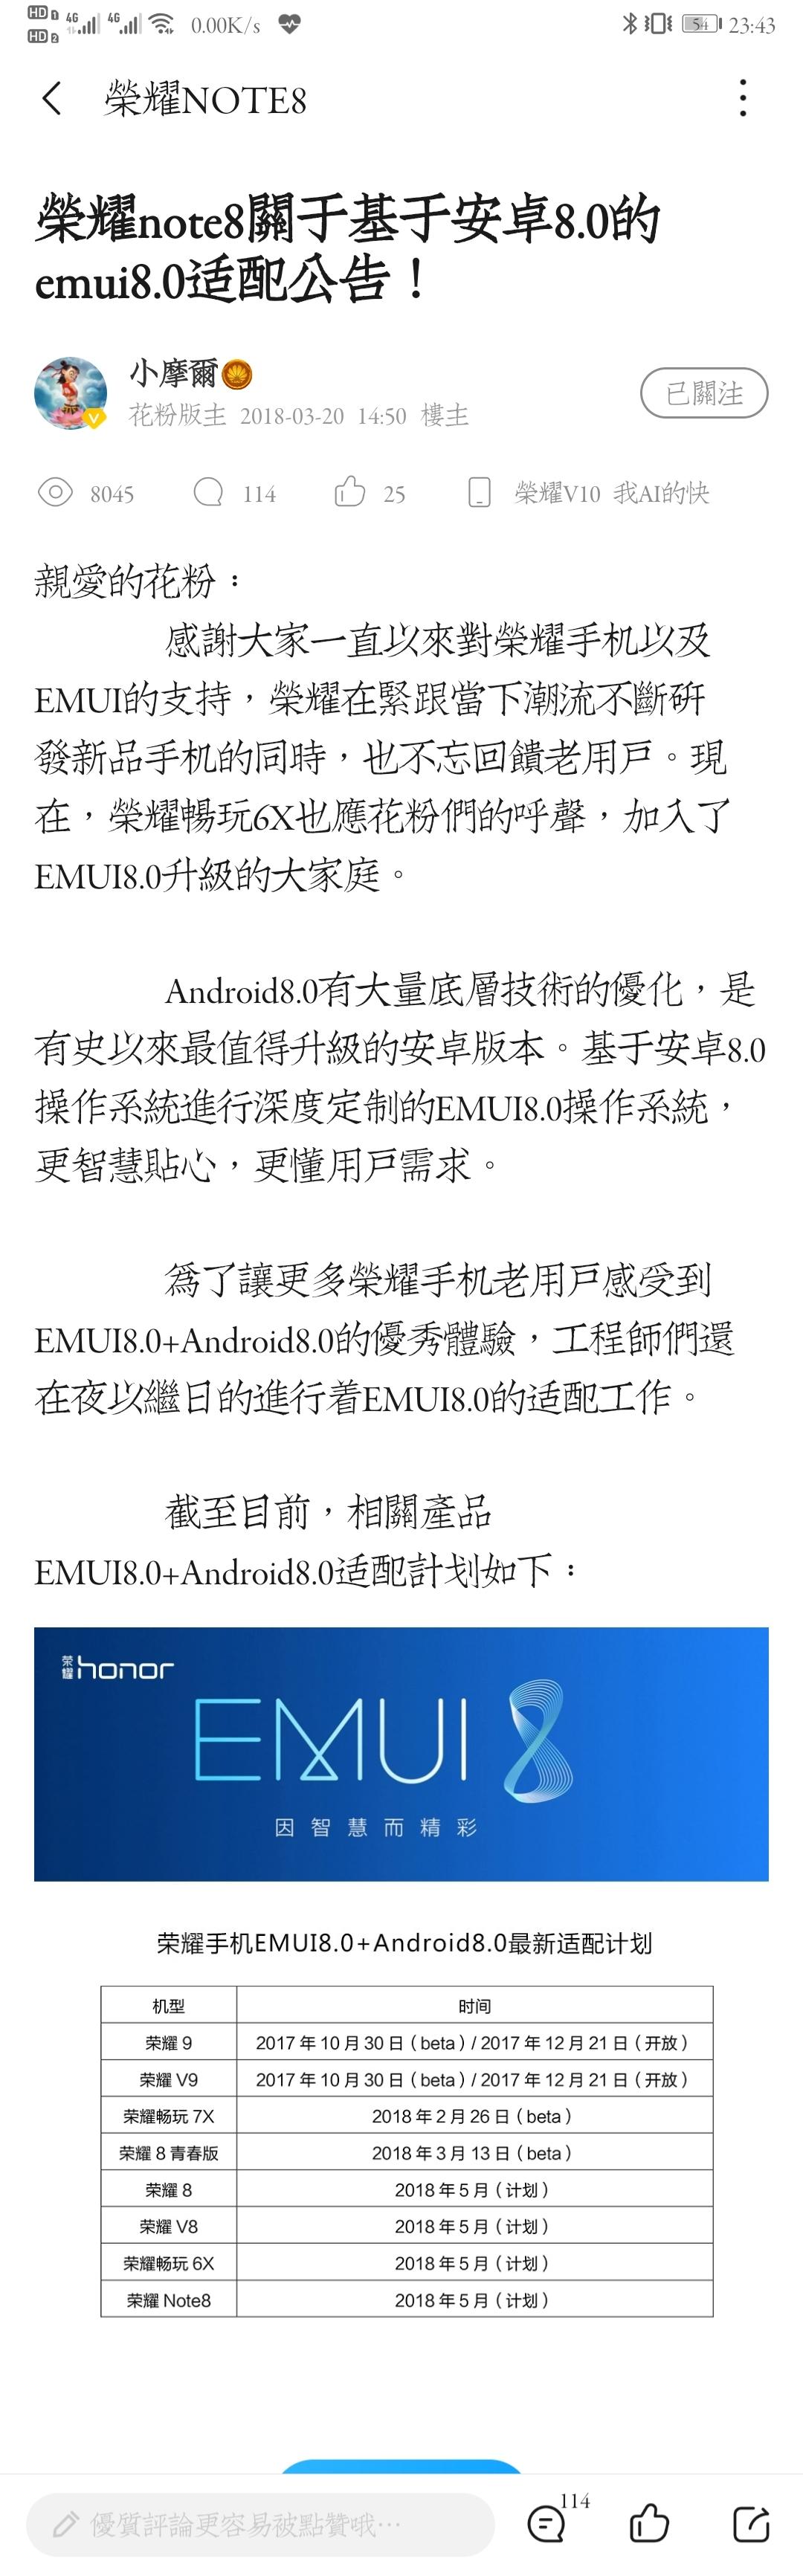 Screenshot_20200517_234352_com.huawei.fans.jpg